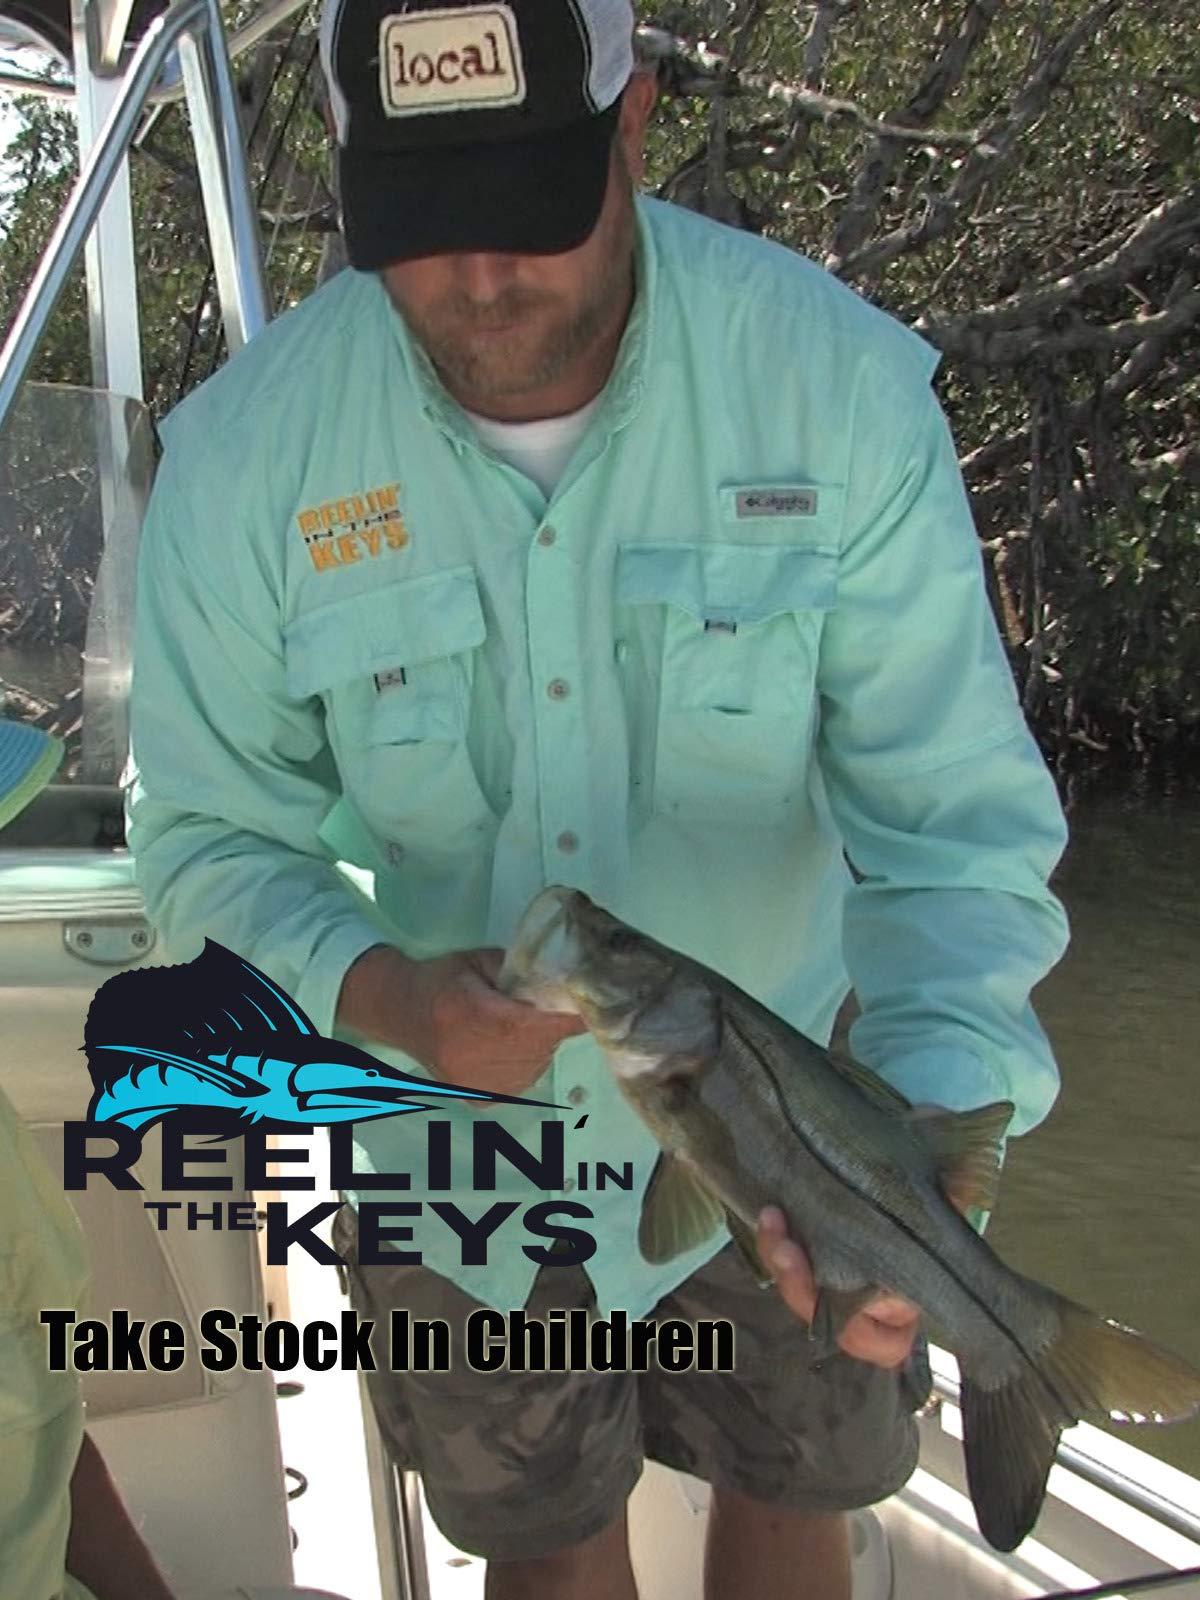 Reelin' In The Keys -Take Stock in Children